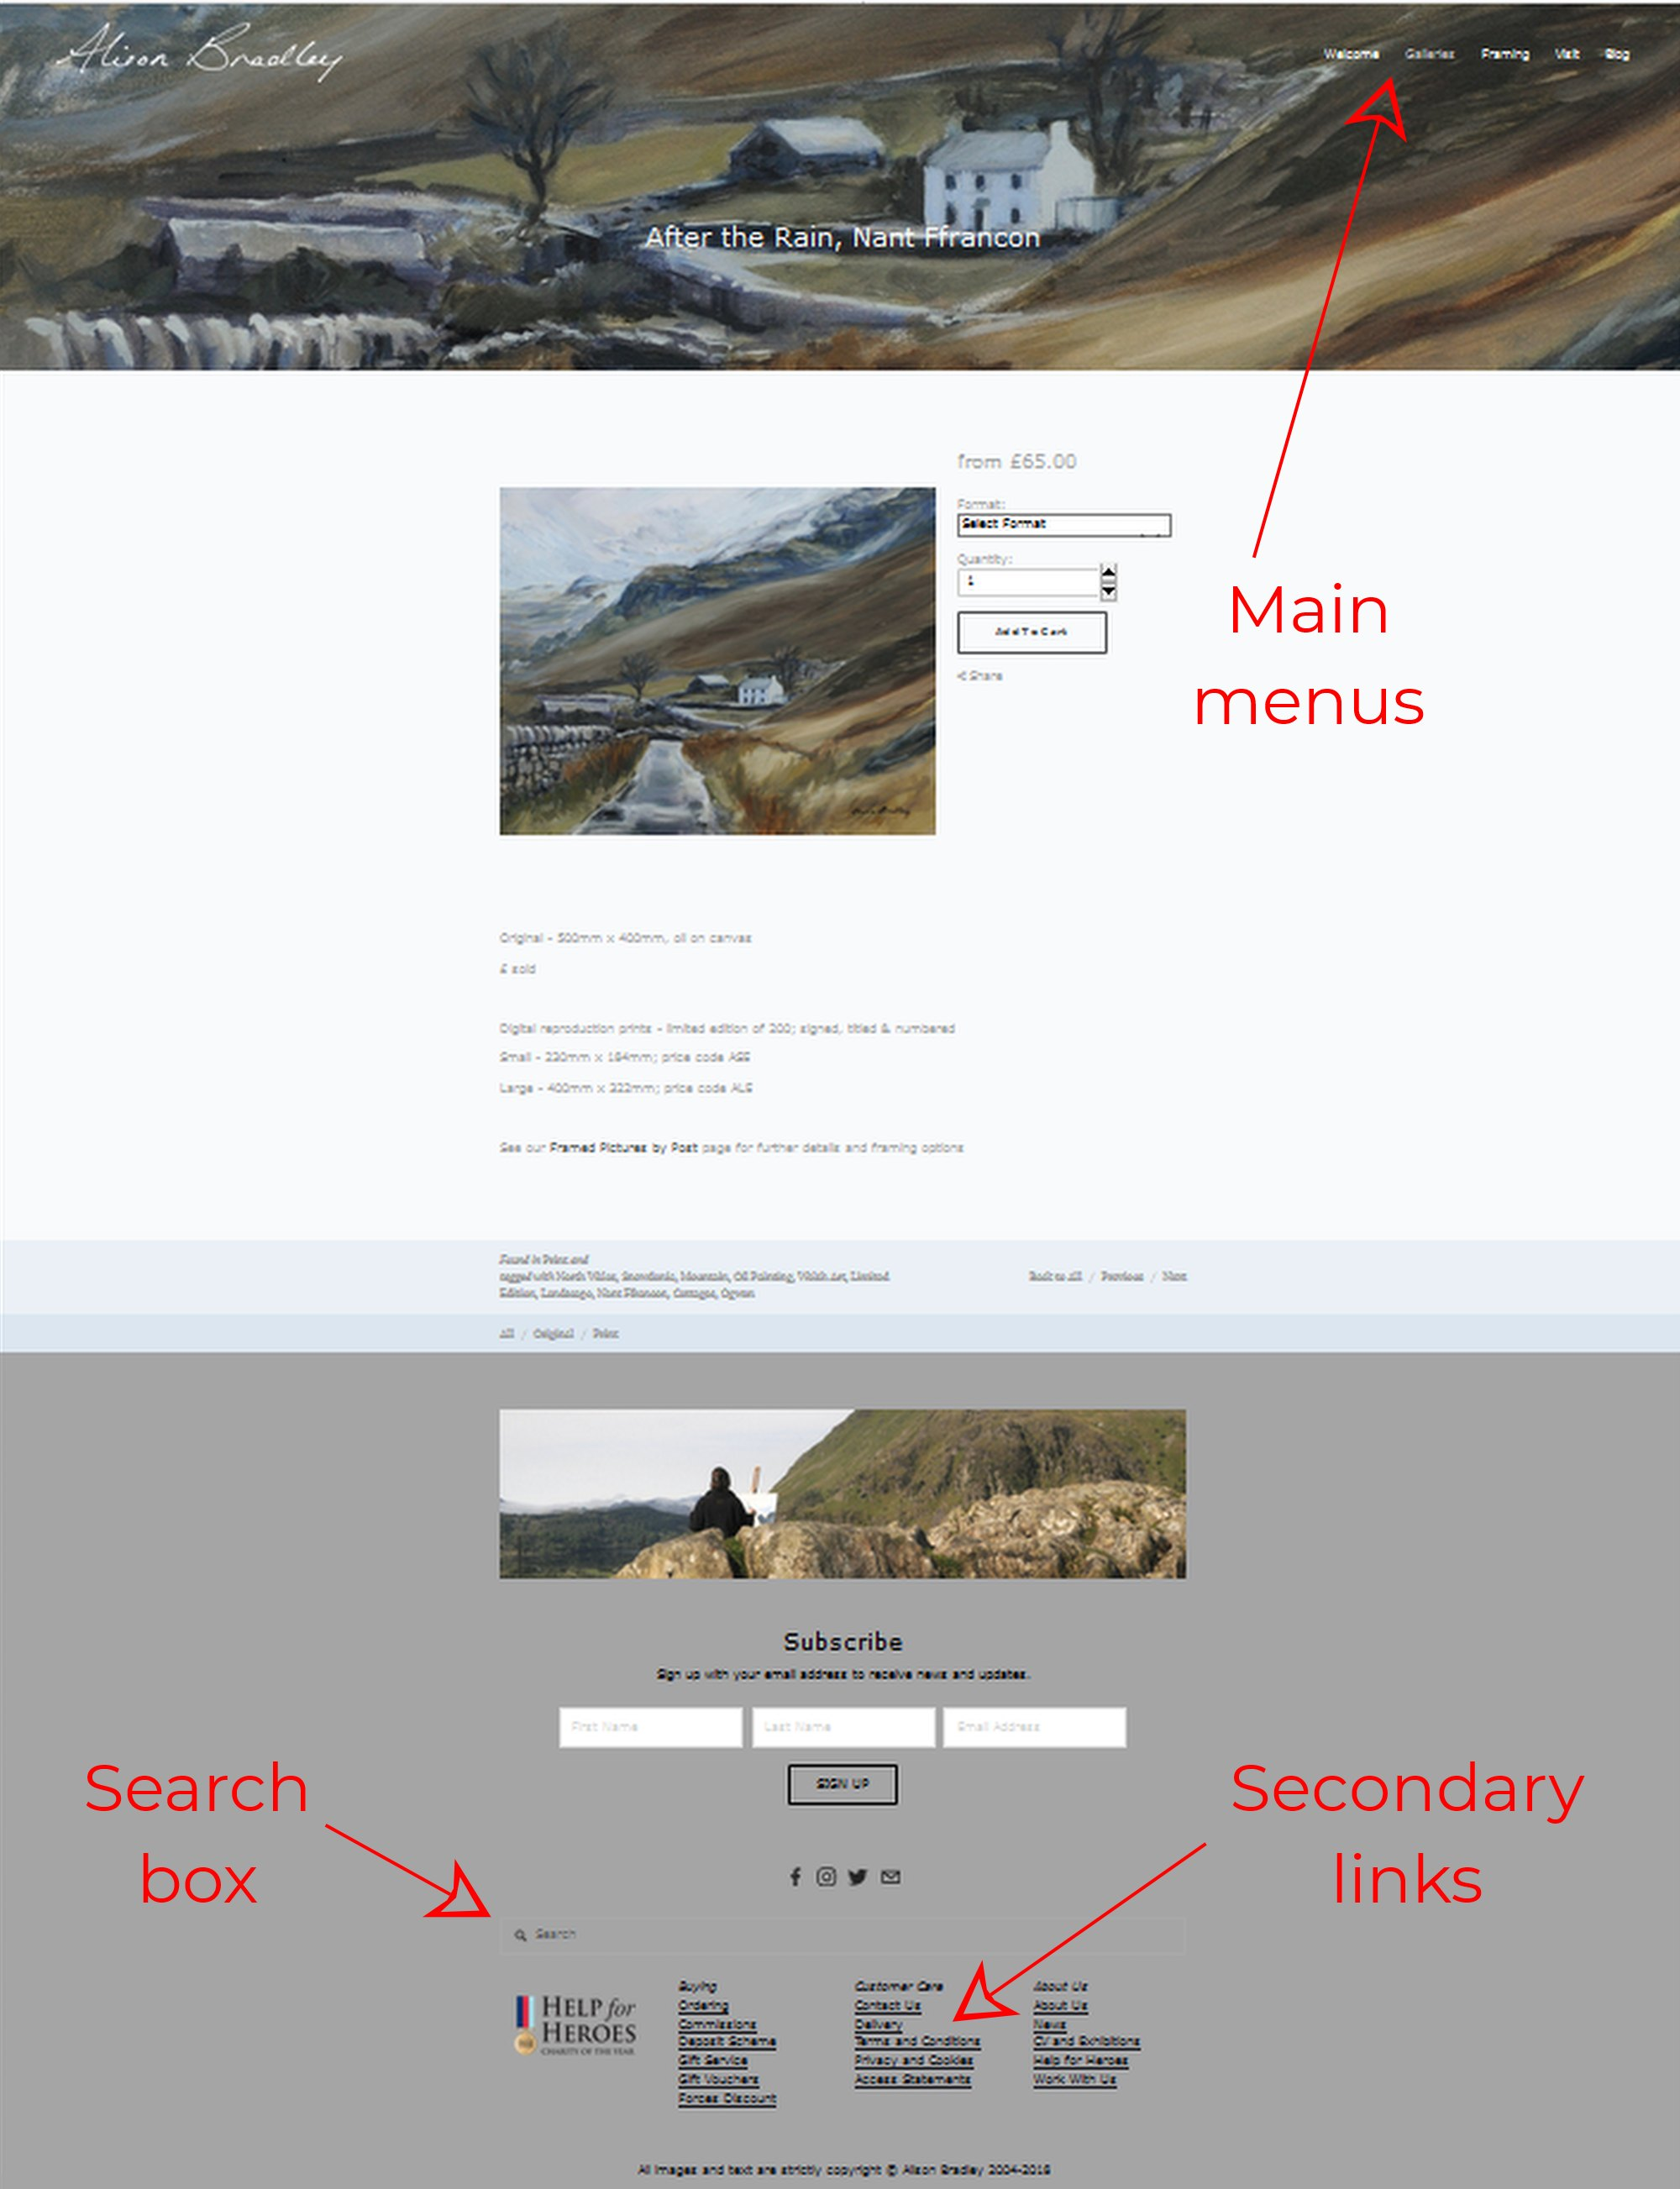 404-help-page-alison-bradley.jpg